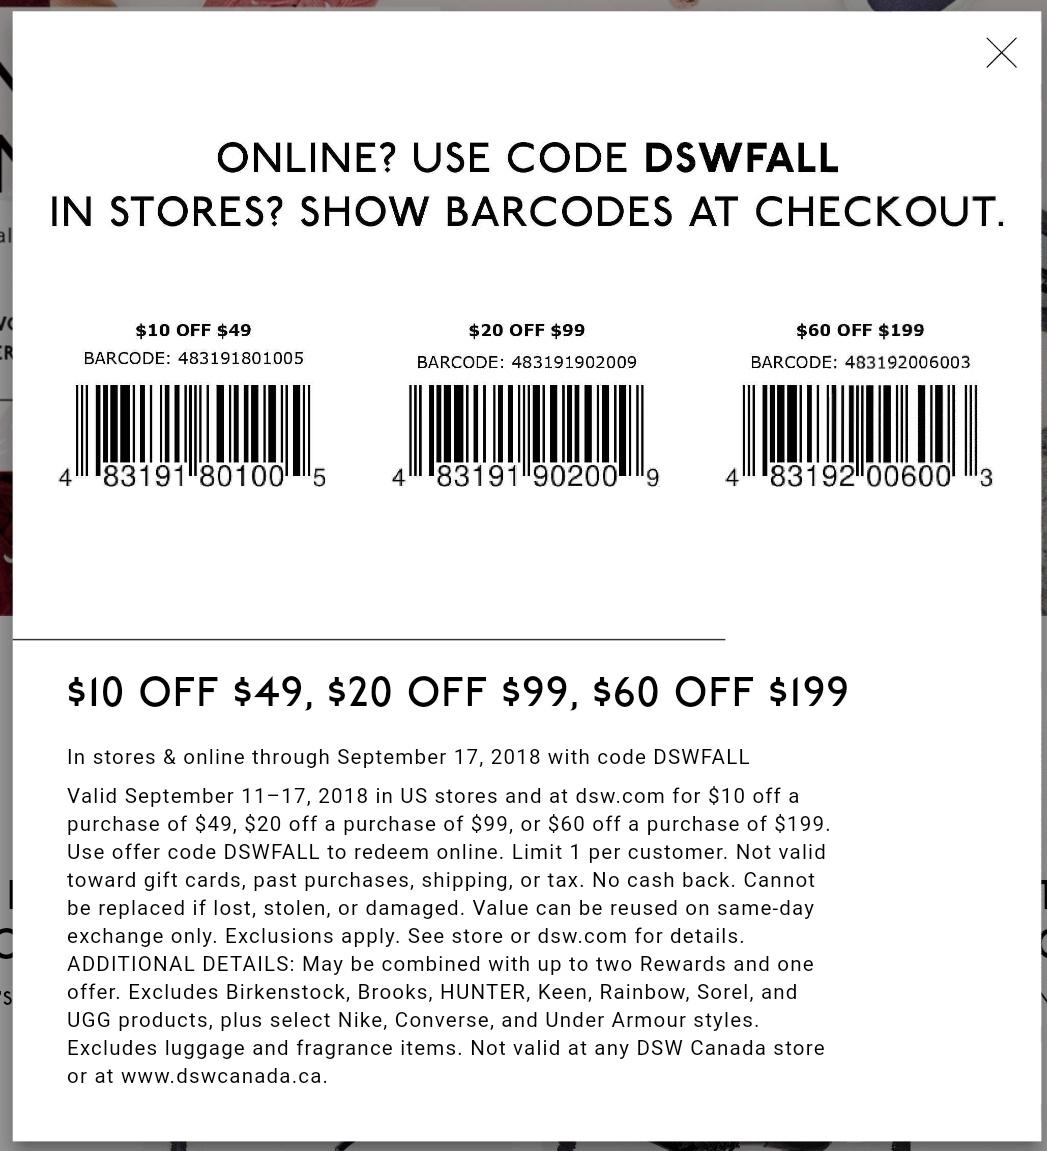 Dsw Printable Coupon - Printable Coupons 2019 - Free Printable - Free Printable Coupons For Dsw Shoes